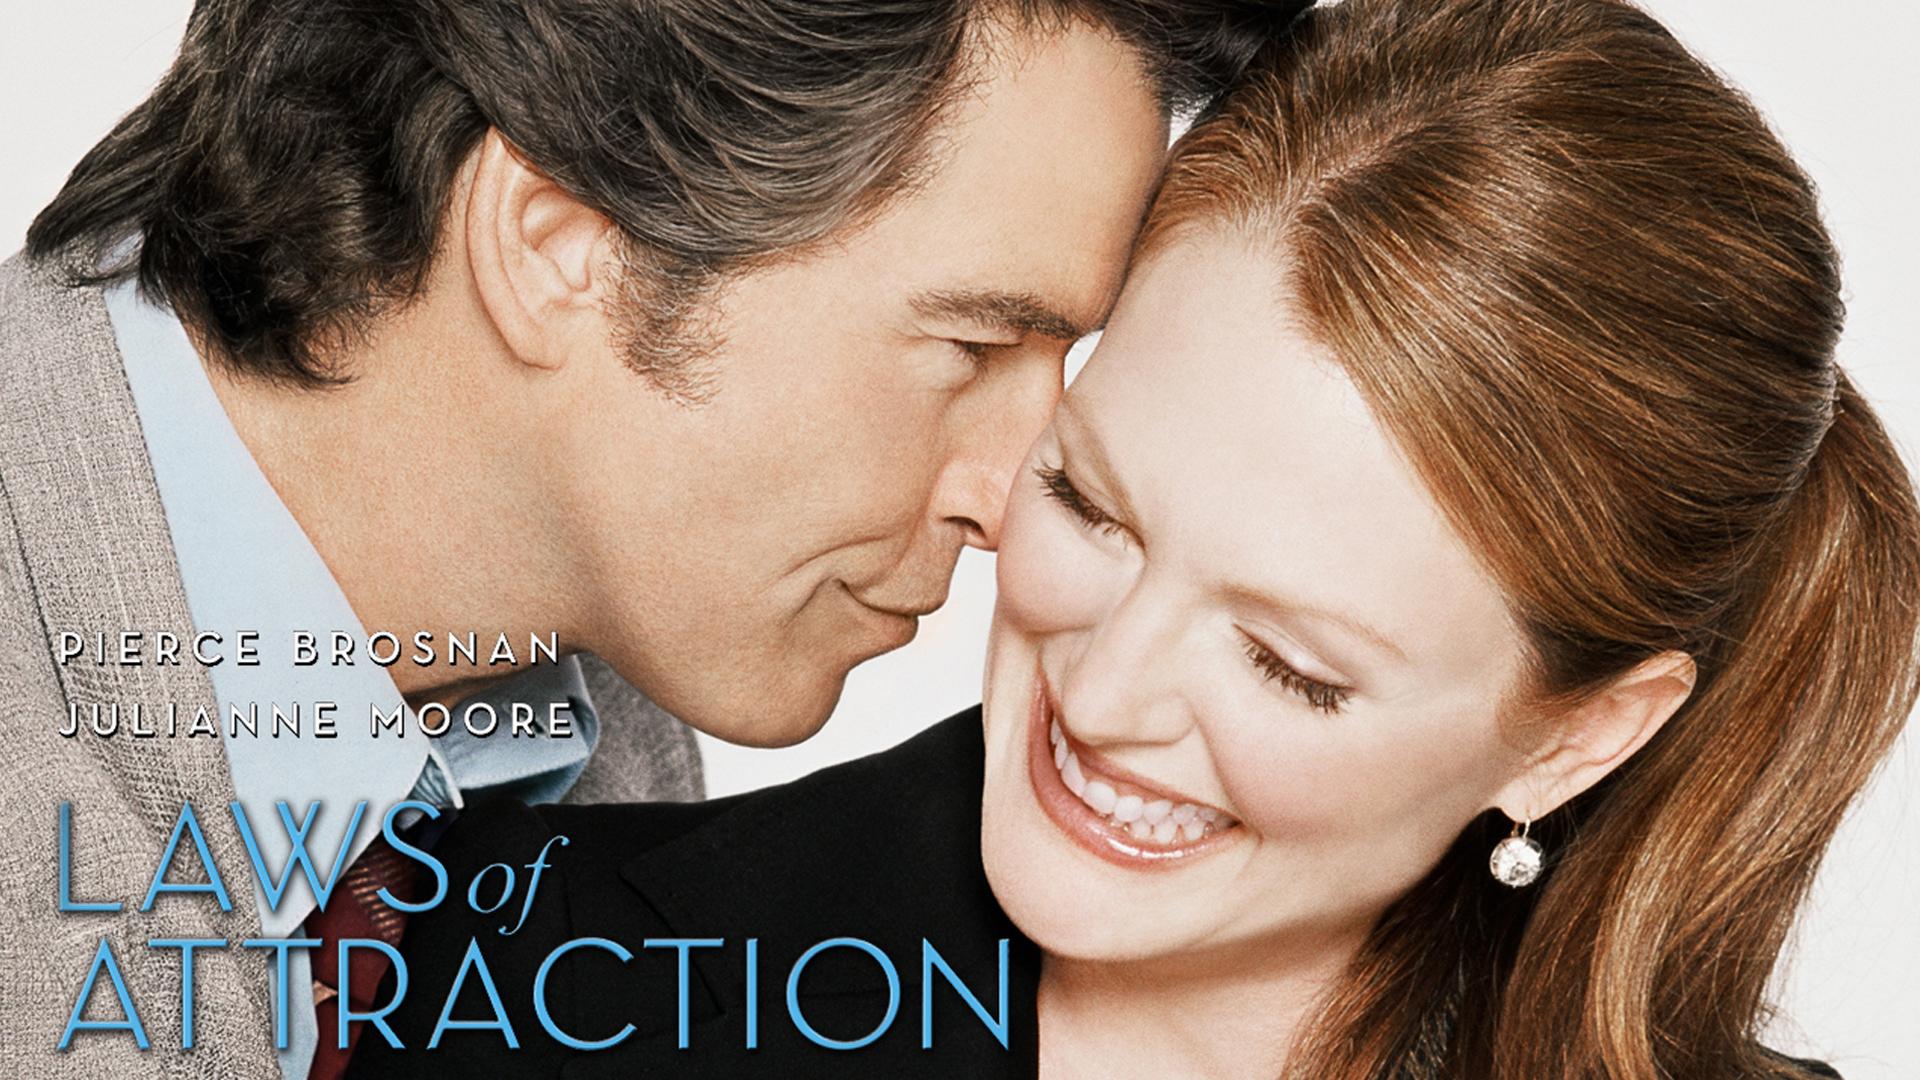 恋の法律 (Laws of Attraction)